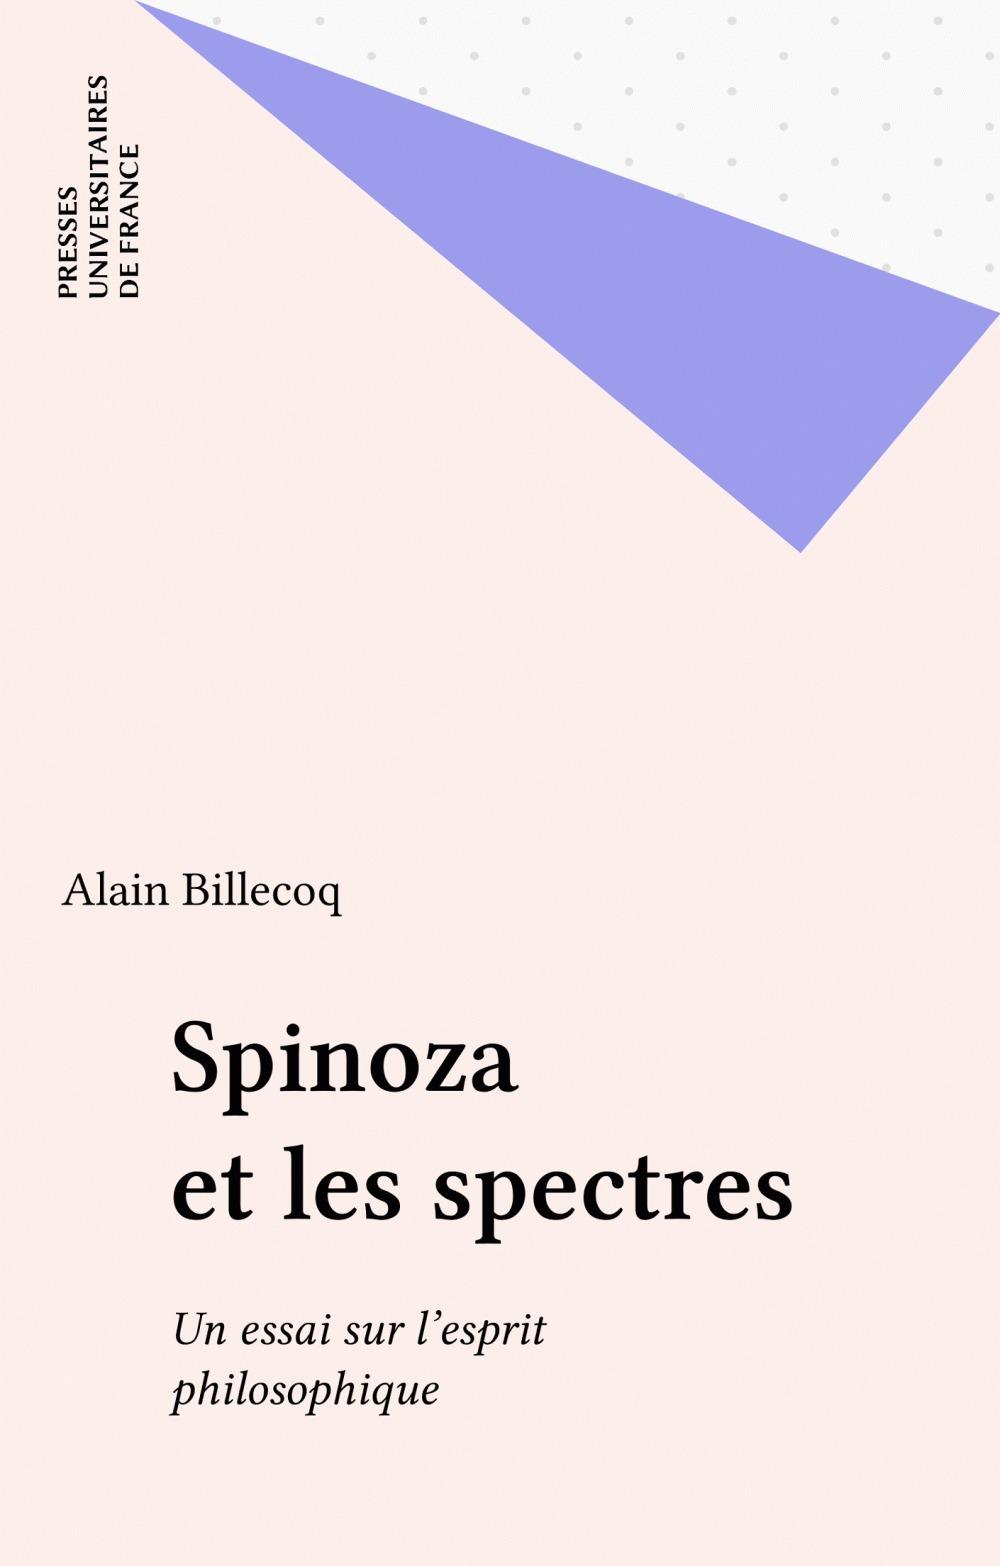 Spinoza et les spectres